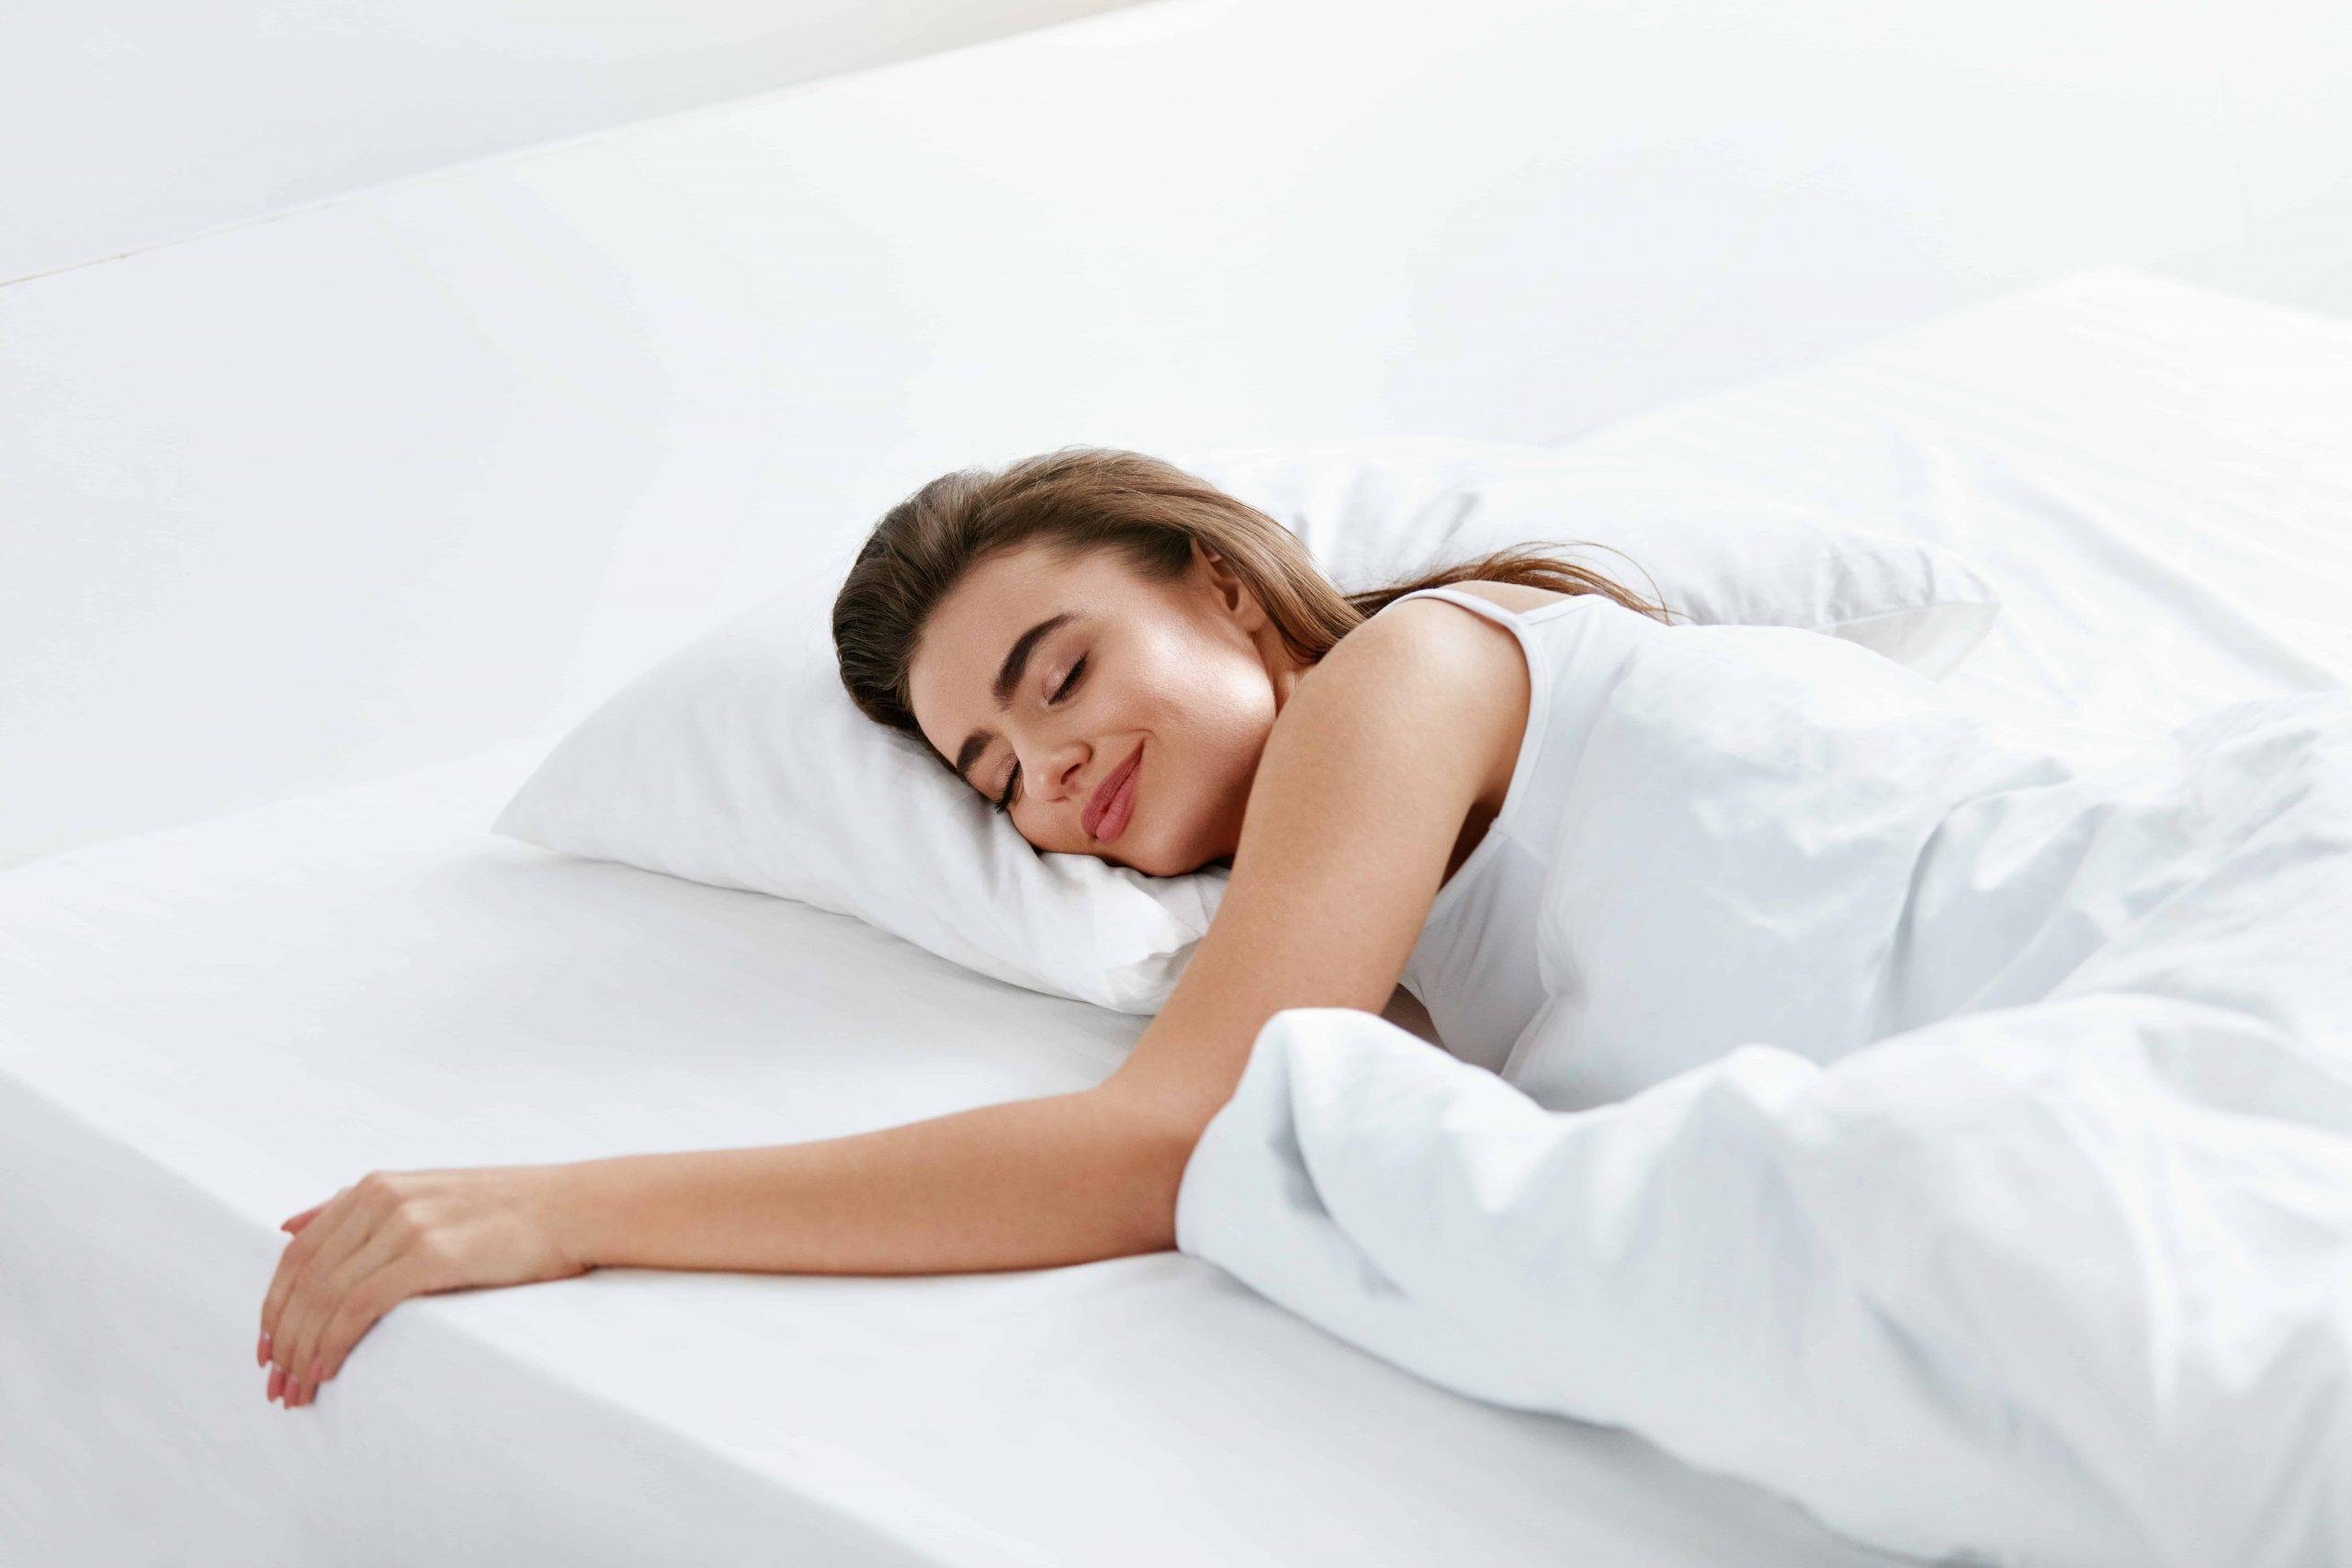 Biber Bettwäsche: Test & Empfehlungen (11/20)